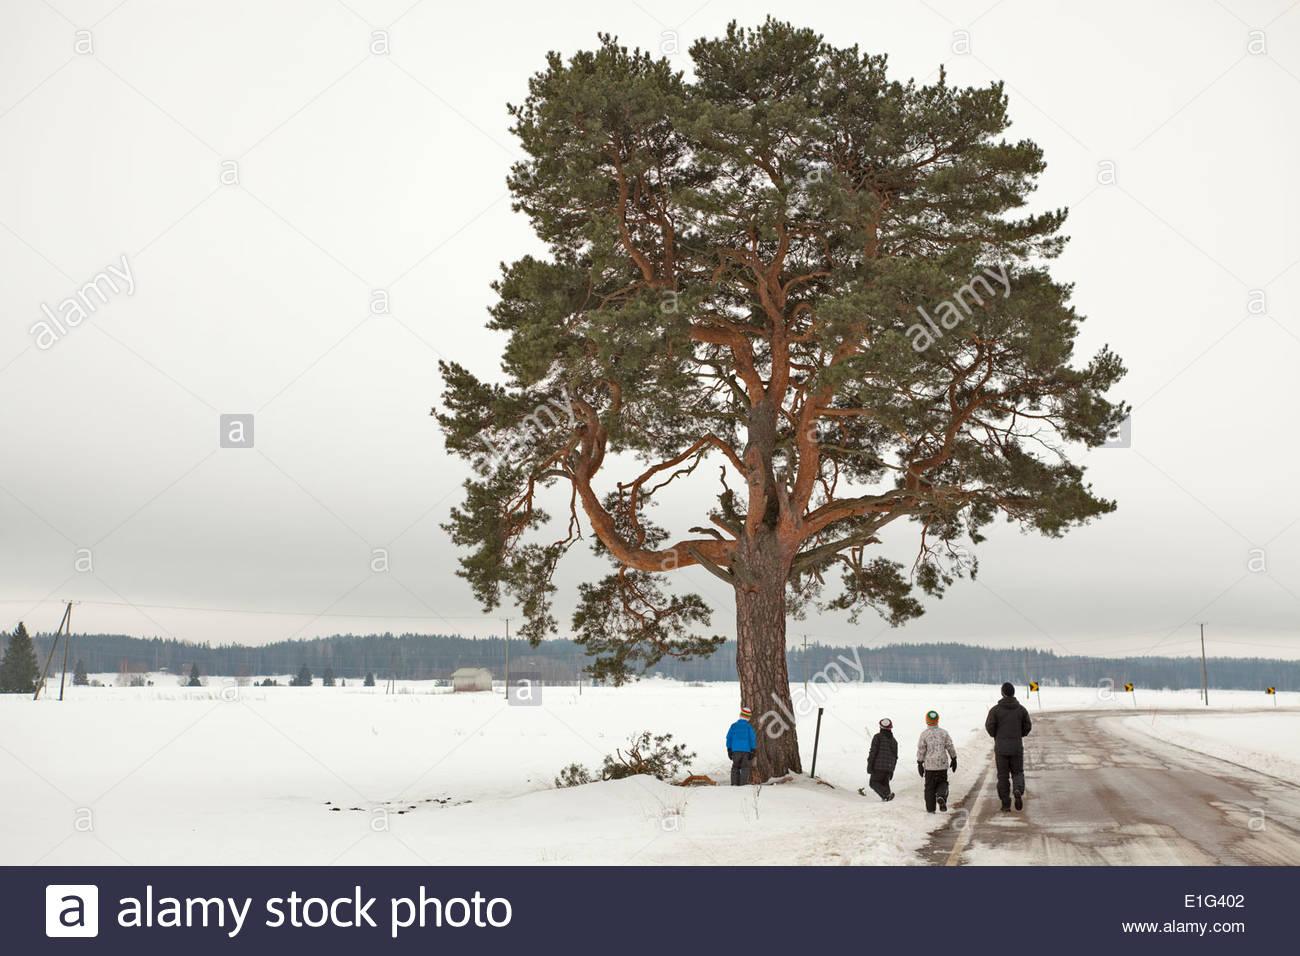 Pine tree - Stock Image